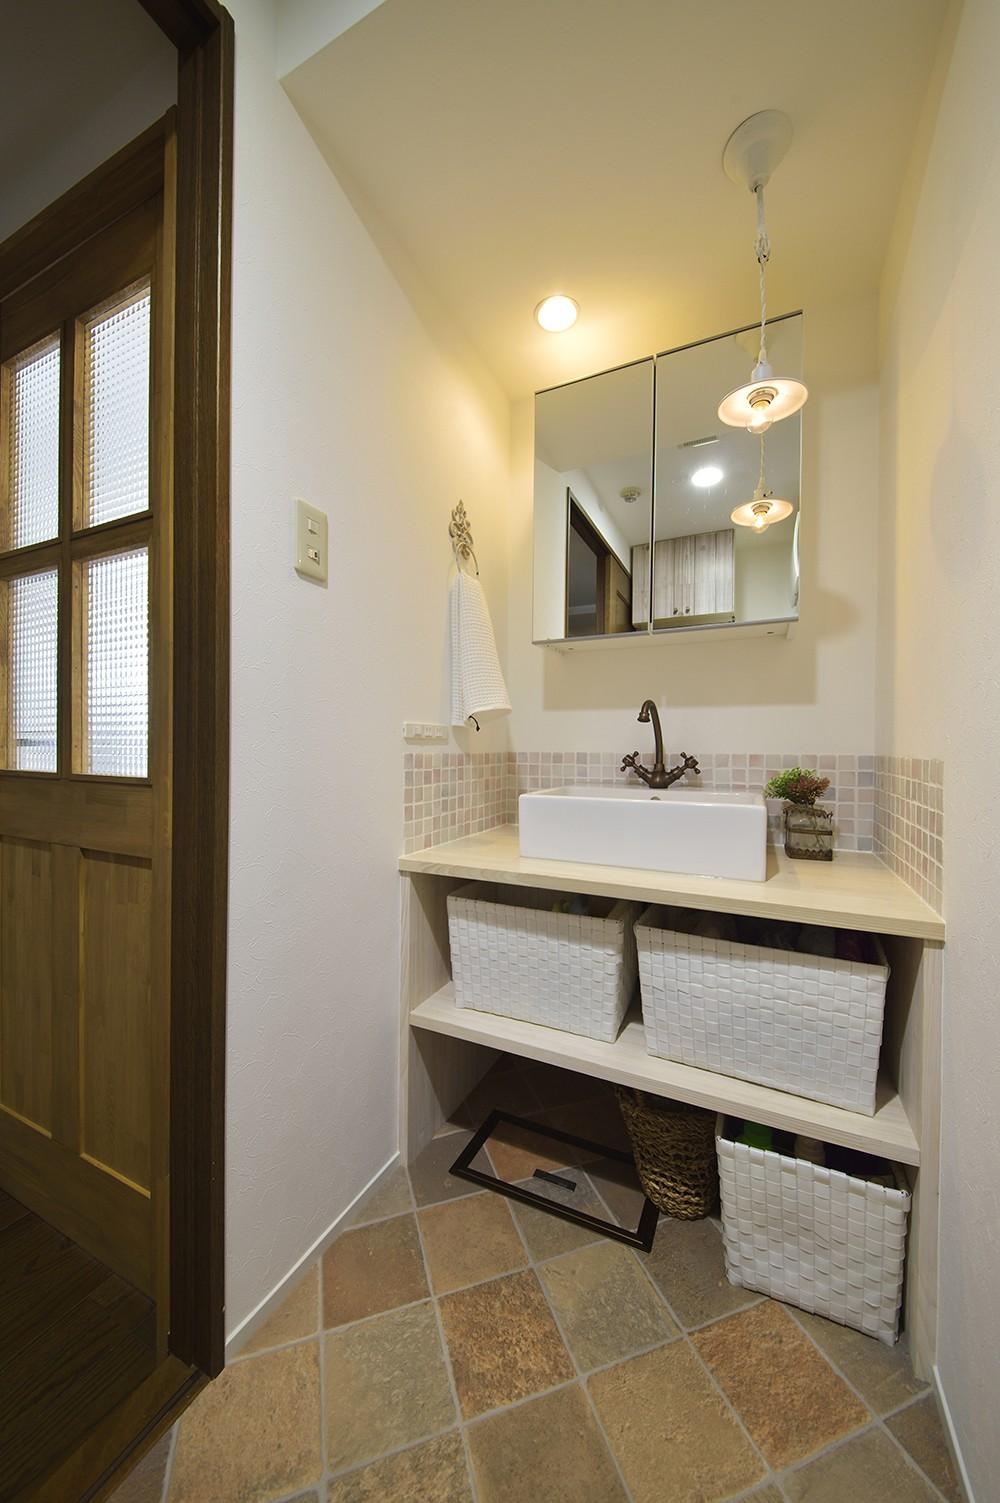 バス/トイレ事例:白い木素材で造作した可愛い洗面室(変えられない構造を活かす フレンチスタイルキッチンへ)